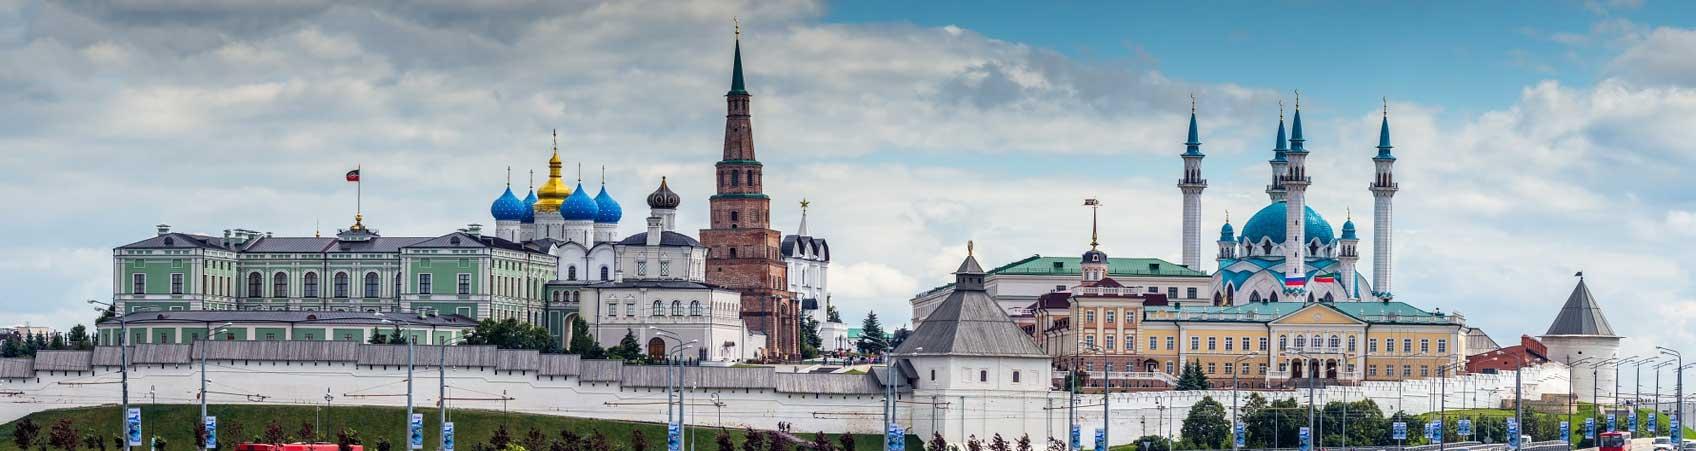 Казань - панорама